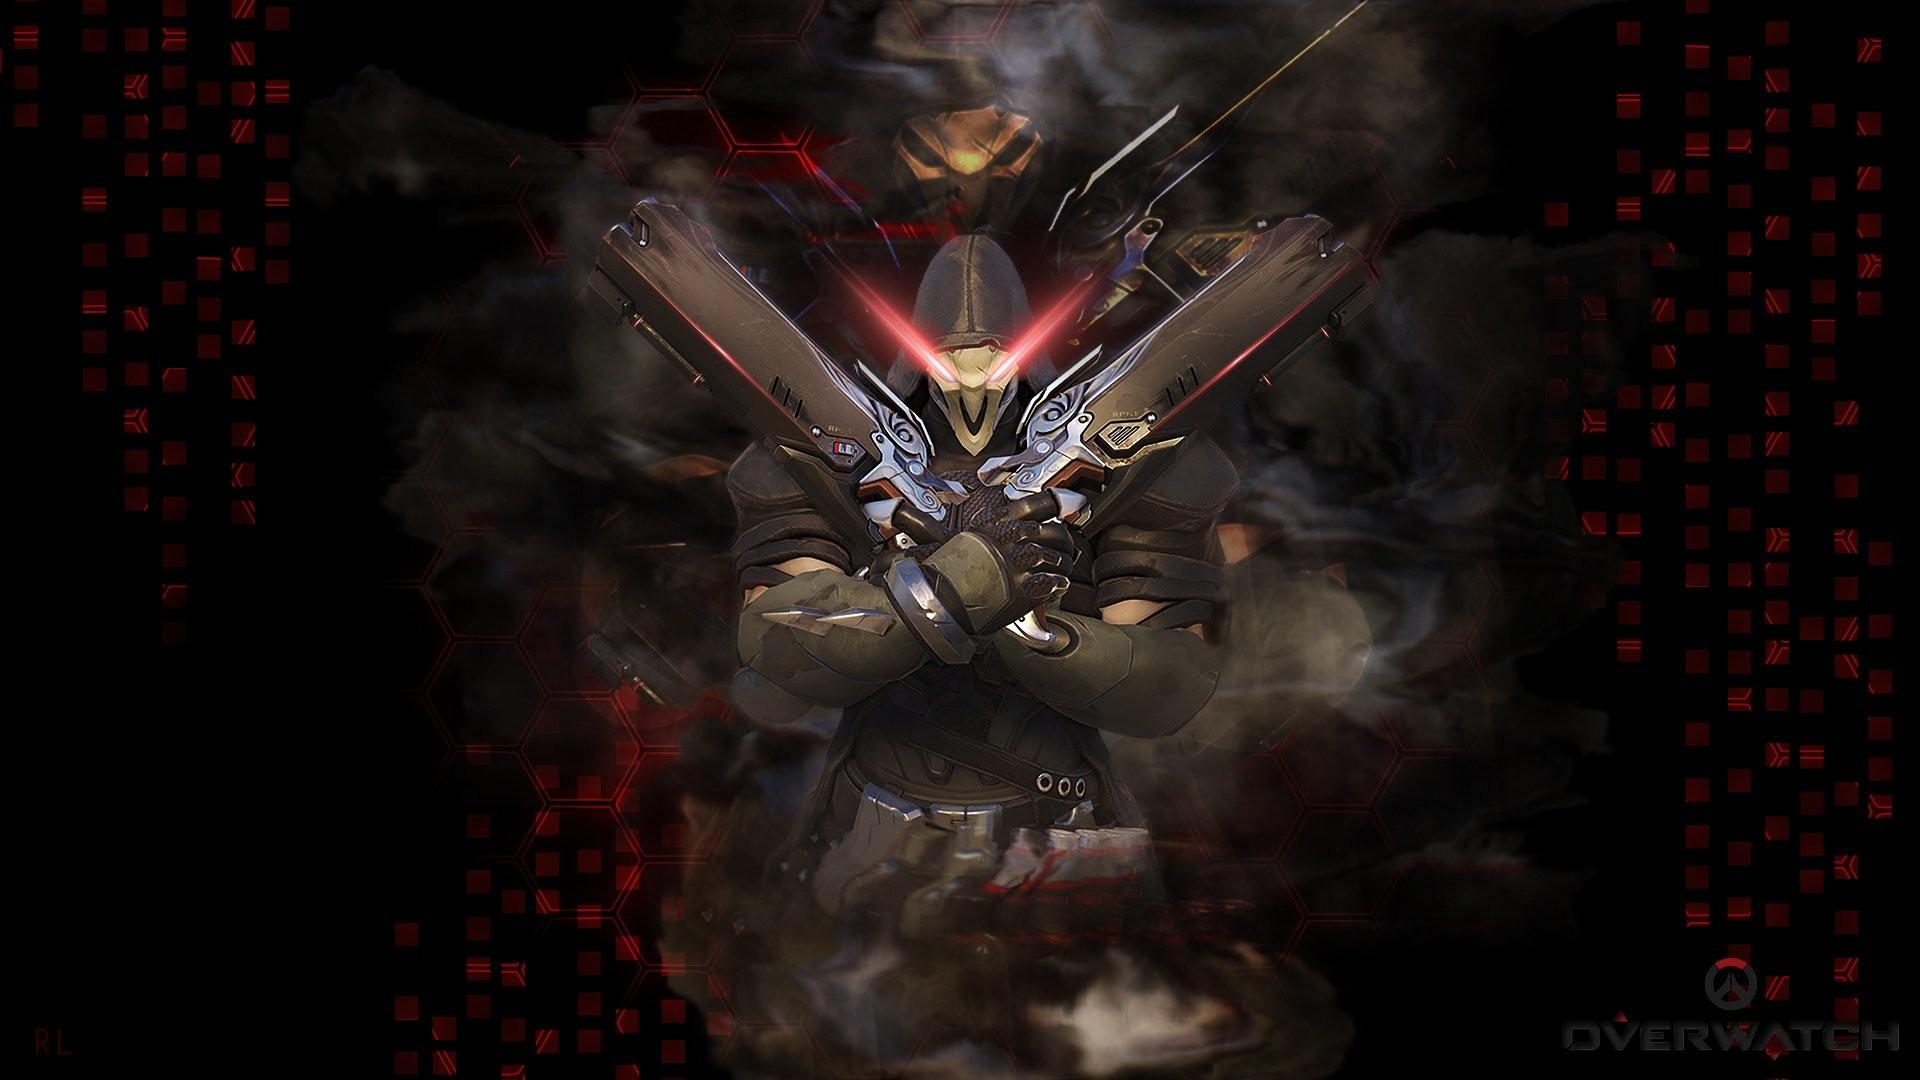 Video Game Overwatch Dark Reaper (Overwatch) Wallpaper